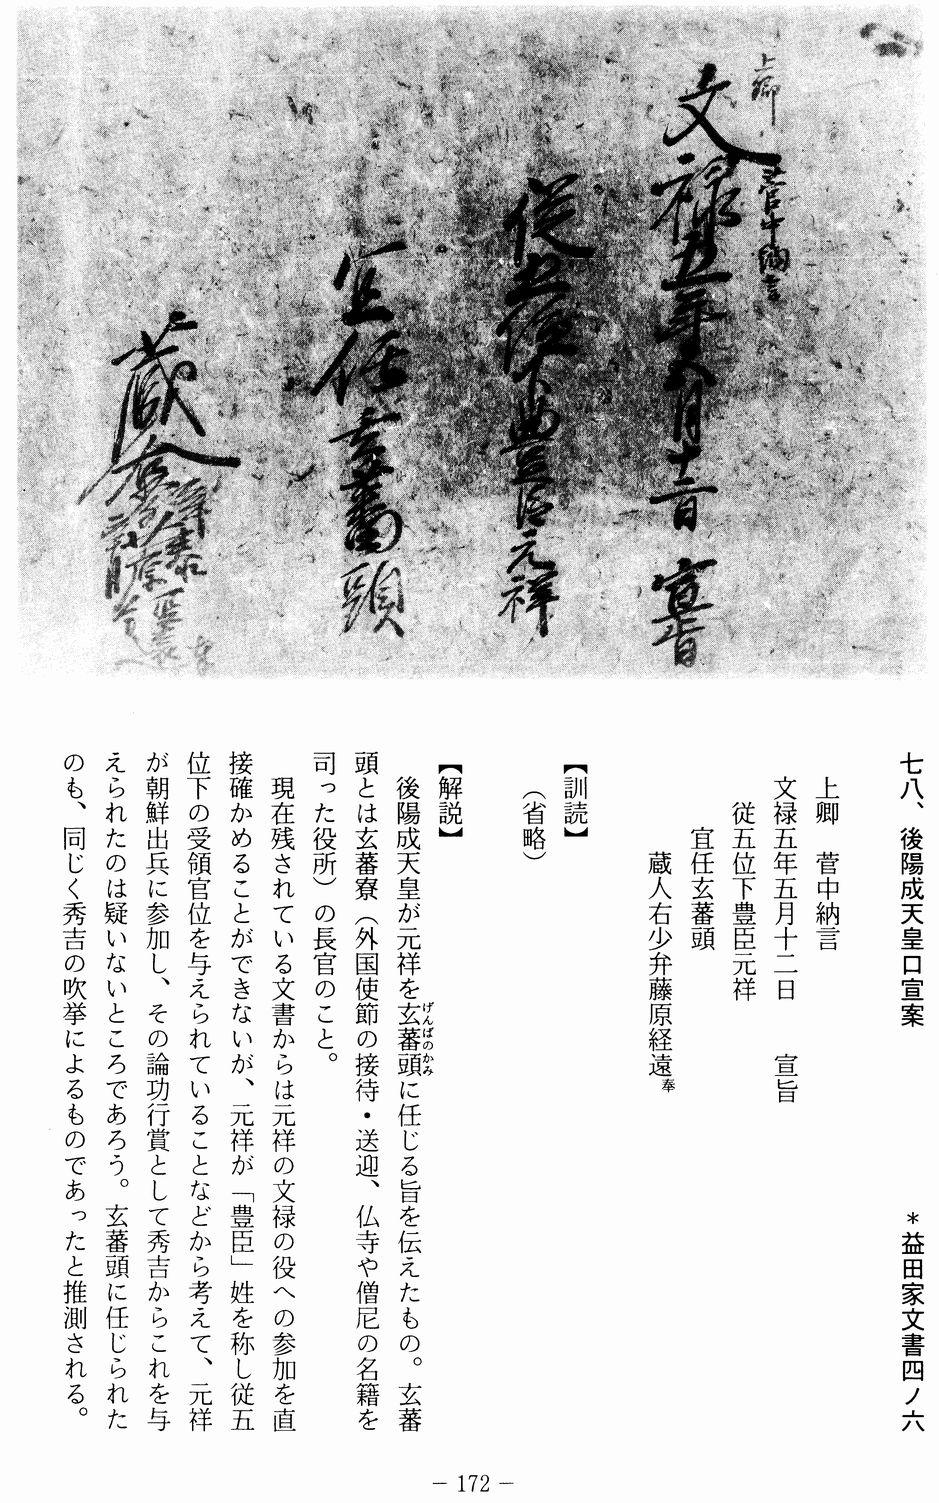 3_127_後陽成天皇